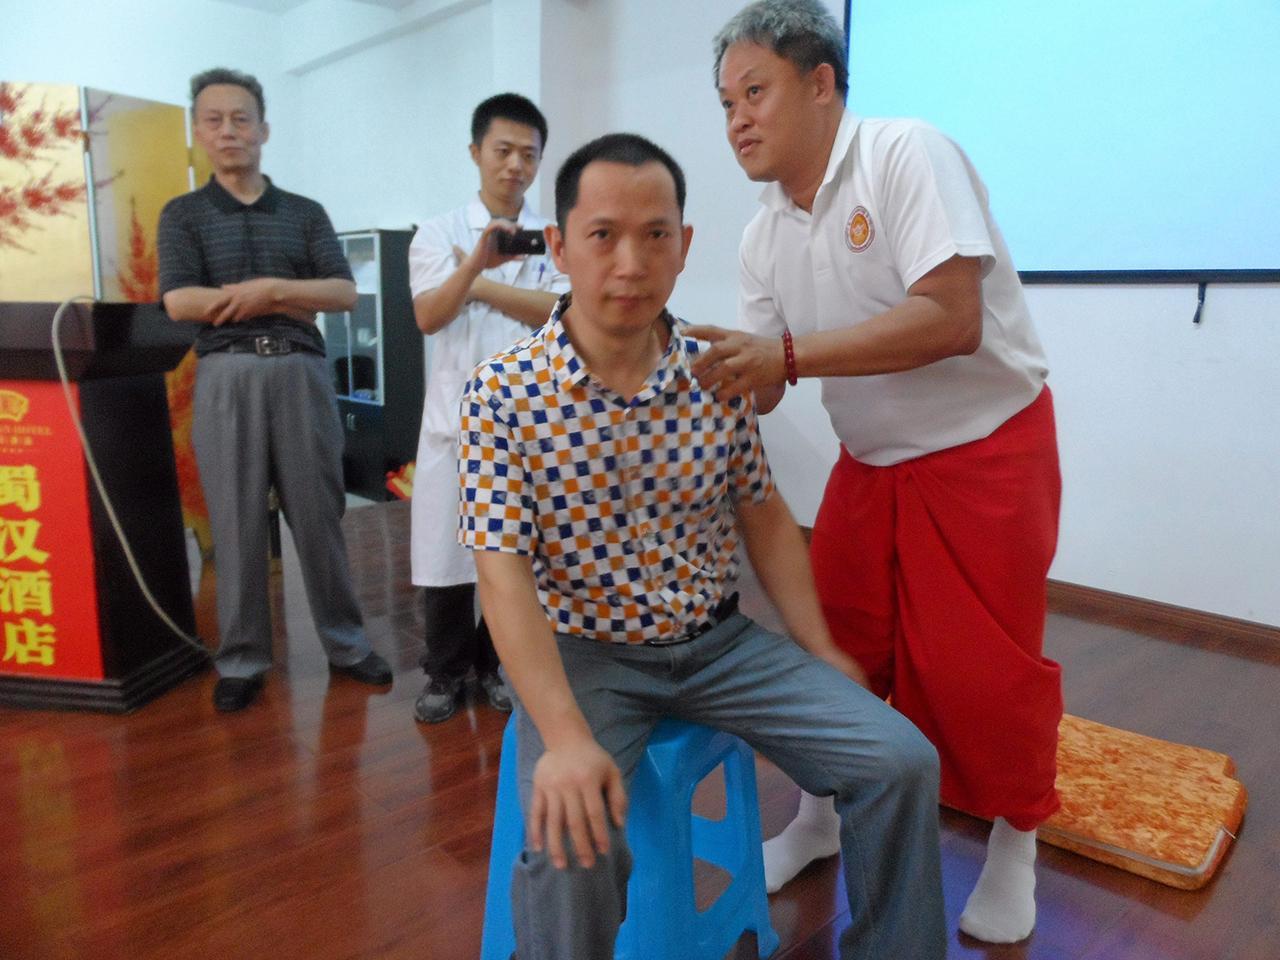 หมอนวดไทยโชว์ฝีมือจับเส้นหนุ่มชาวมังกร.